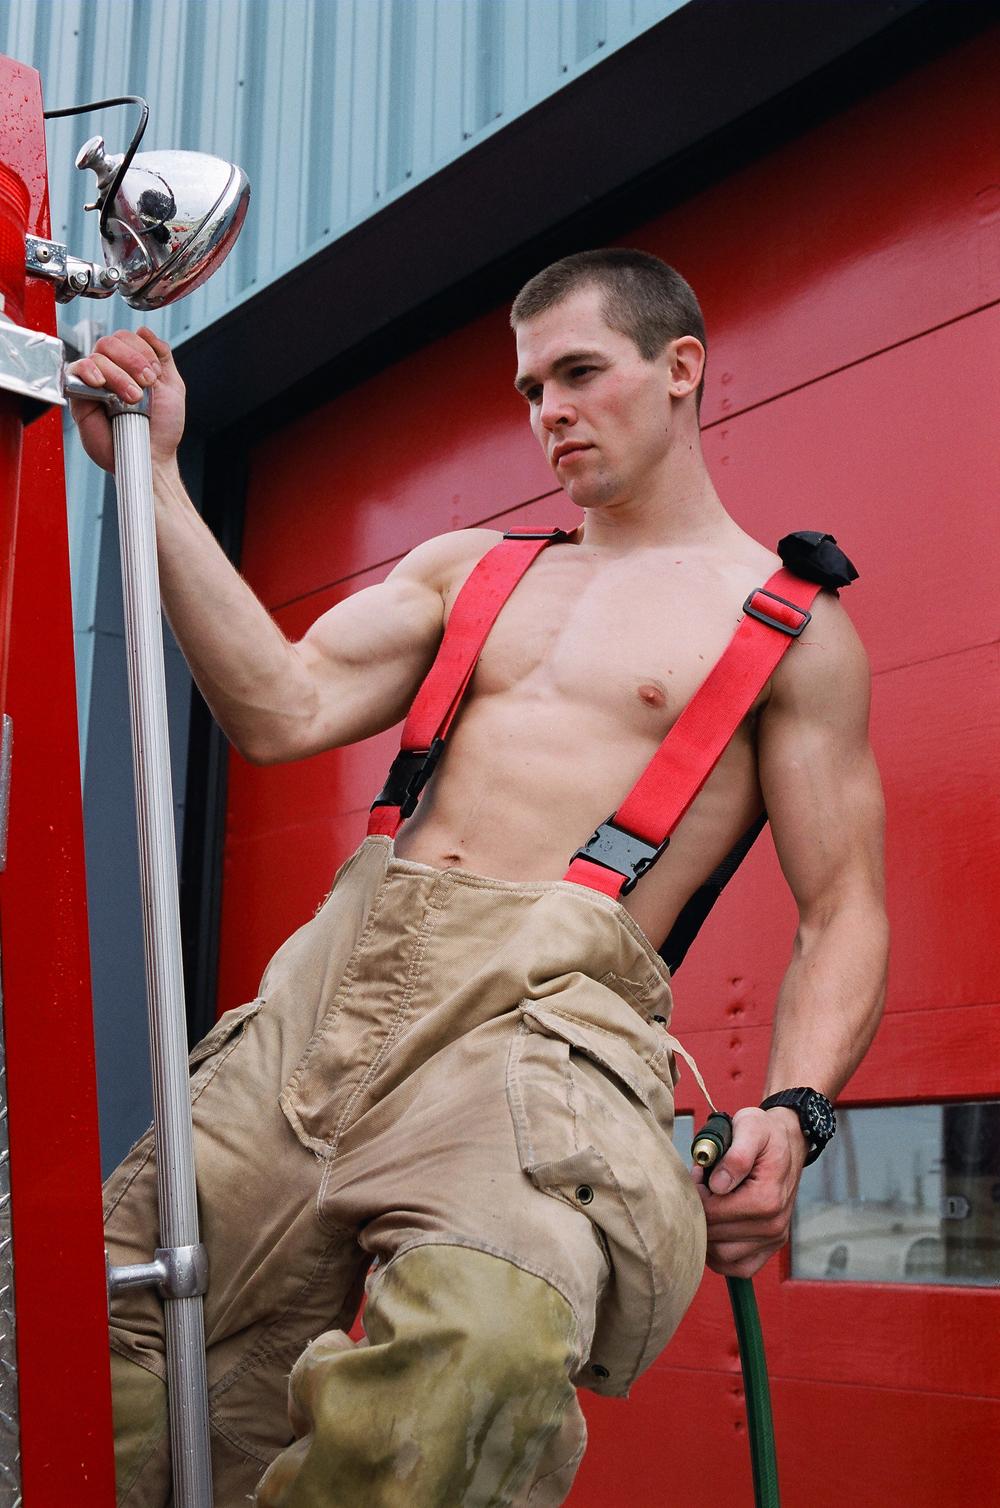 norskk_fireman.jpg